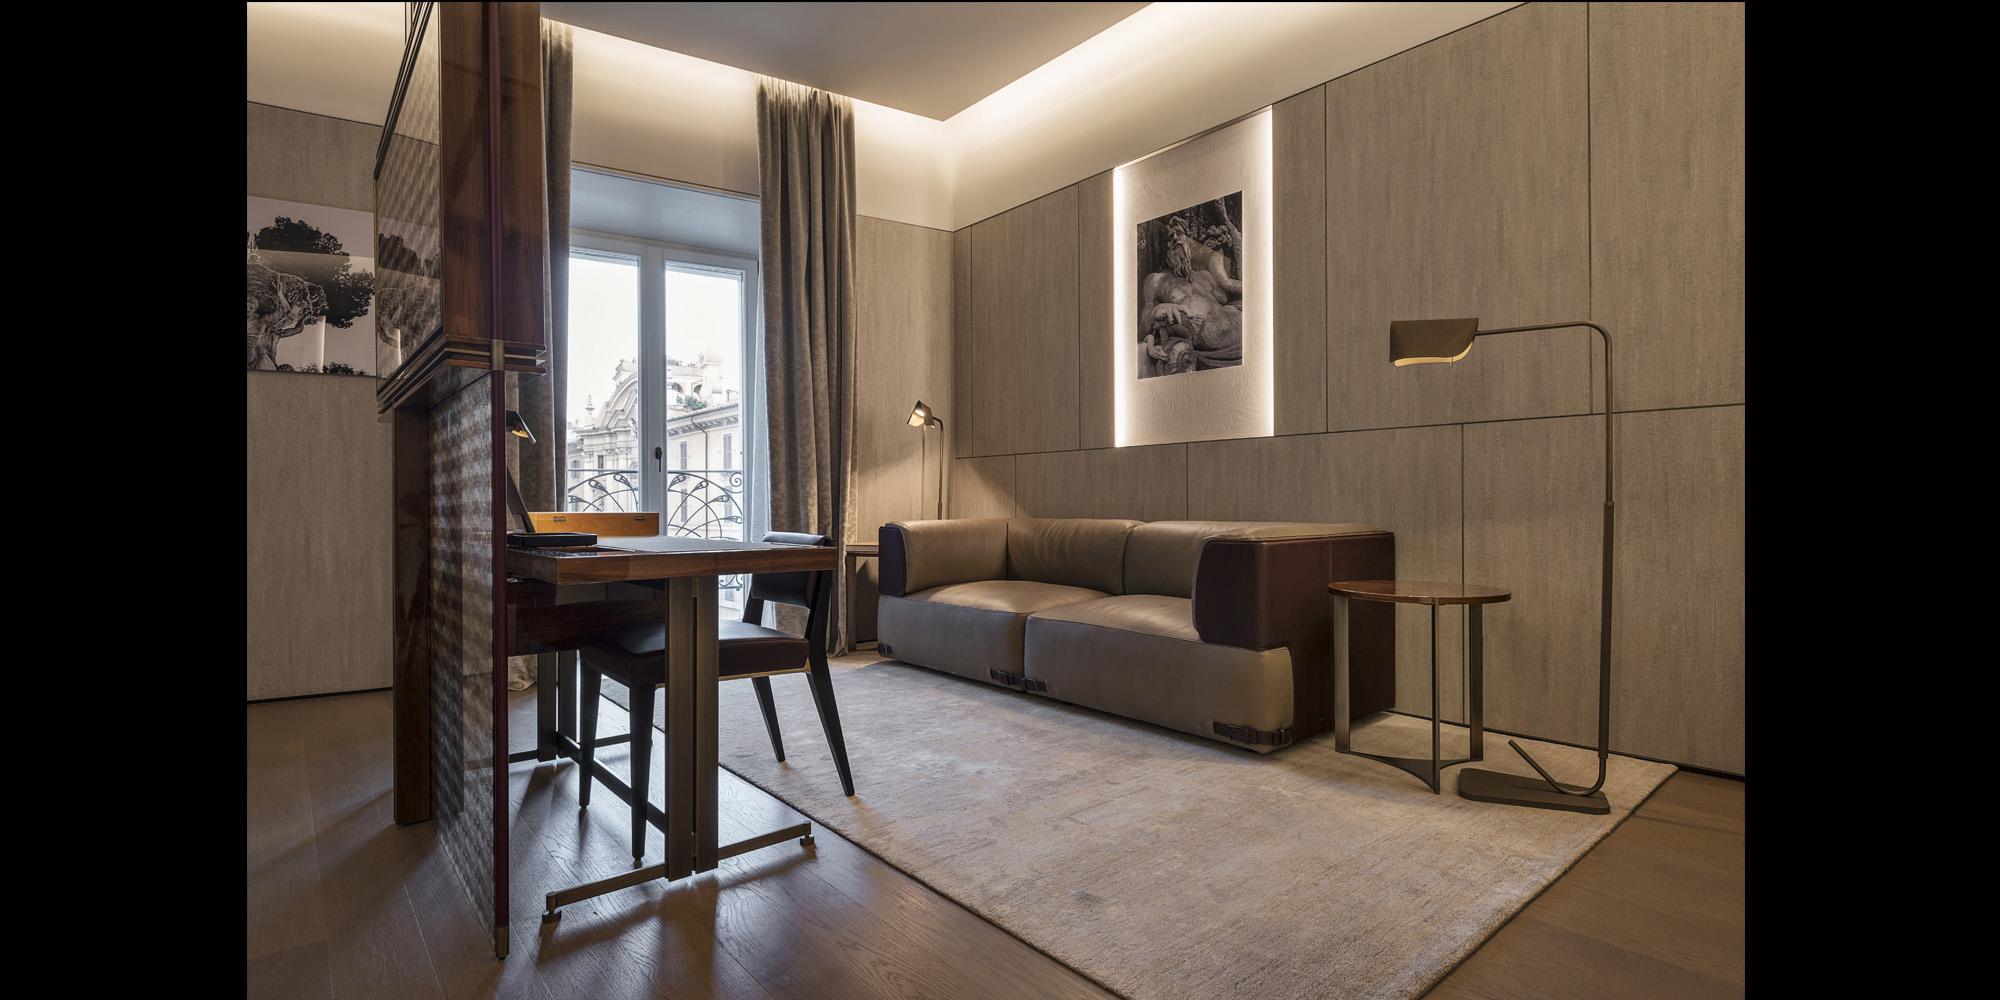 Suites - photo by Jonata Xerra